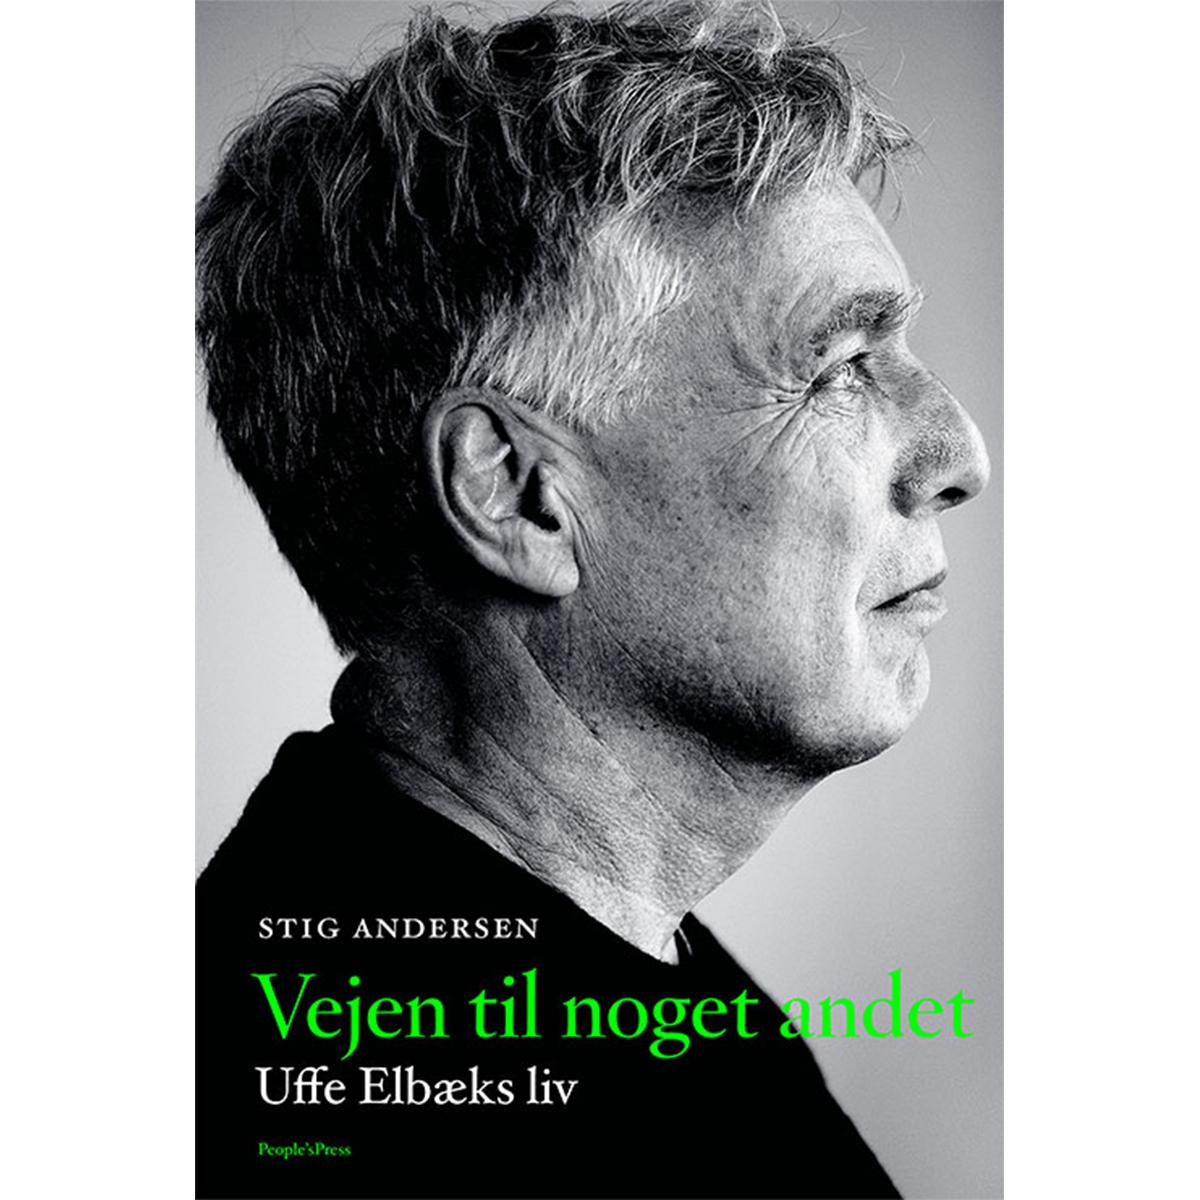 Vejen til noget andet - Uffe Elbæks liv - Indbundet